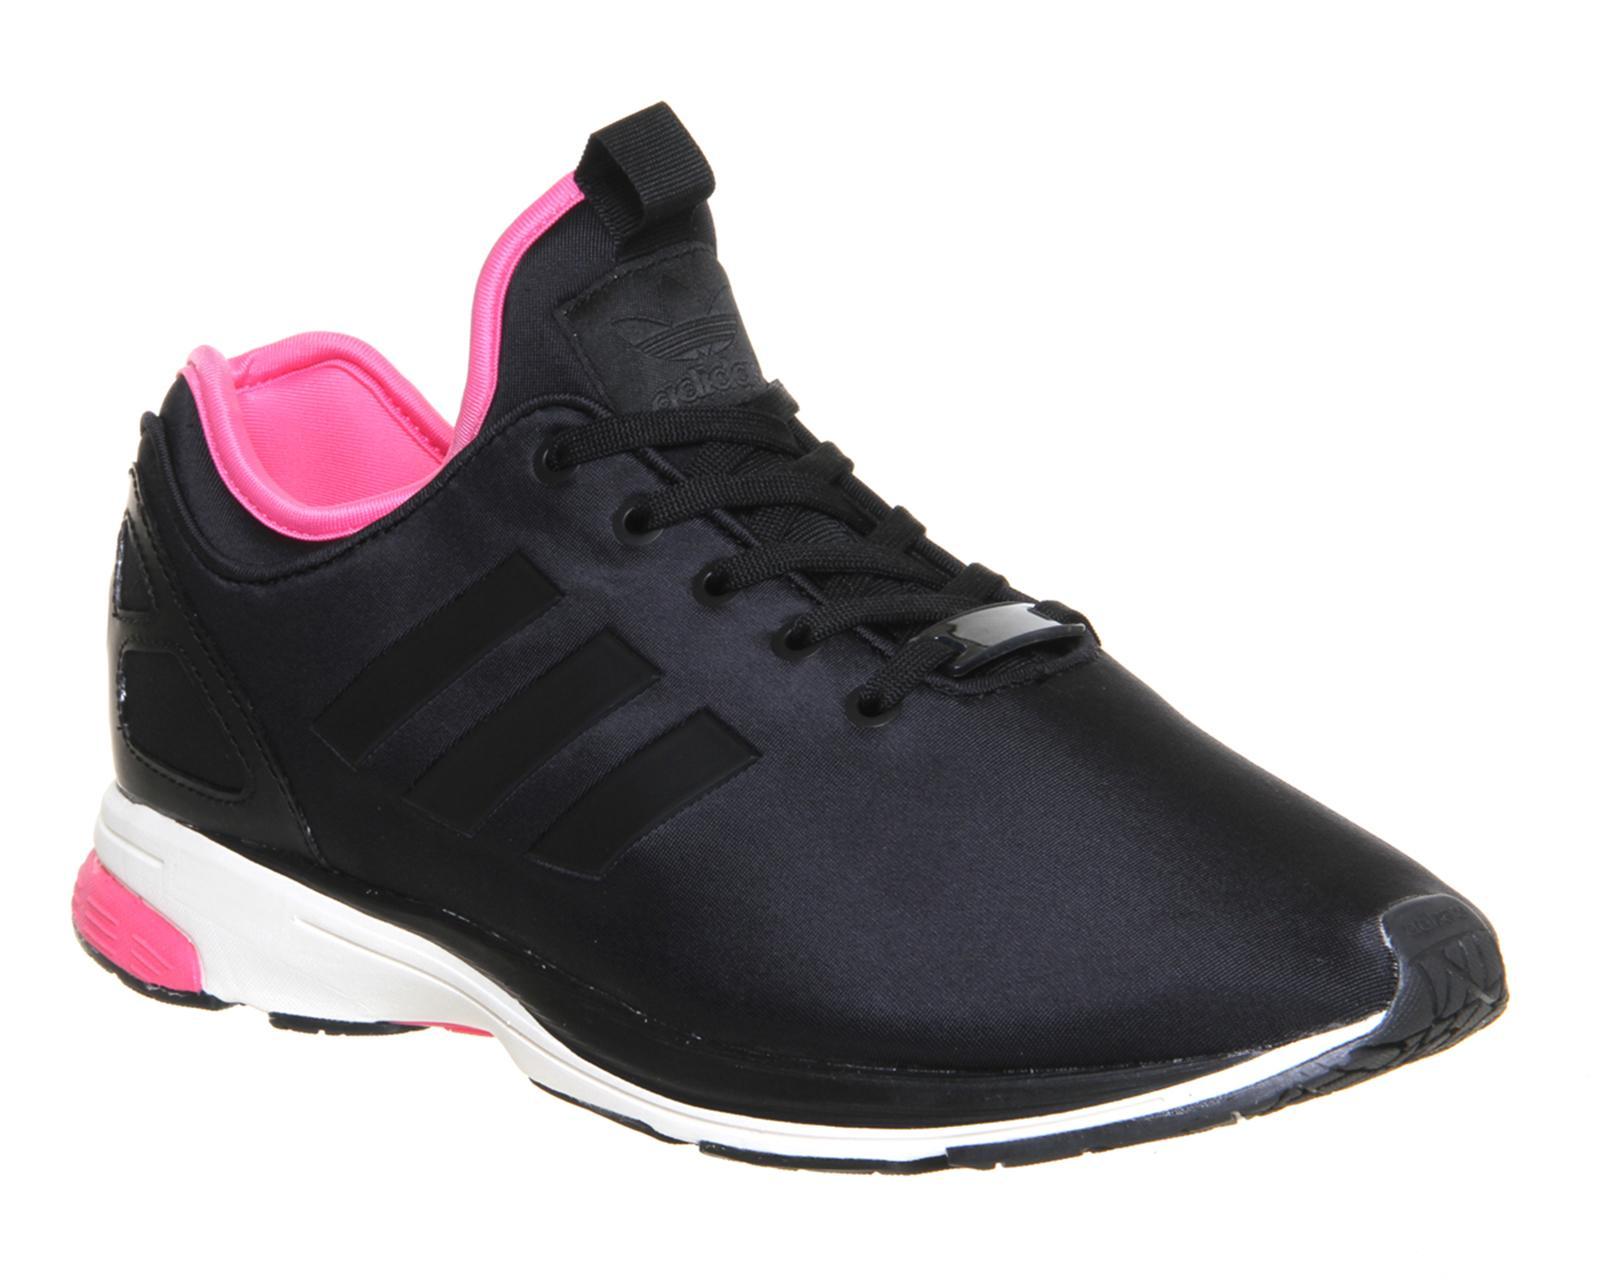 5069f69e77bad ... sale lyst adidas originals zx flux nero nps in black for men 96502  5e29e ...